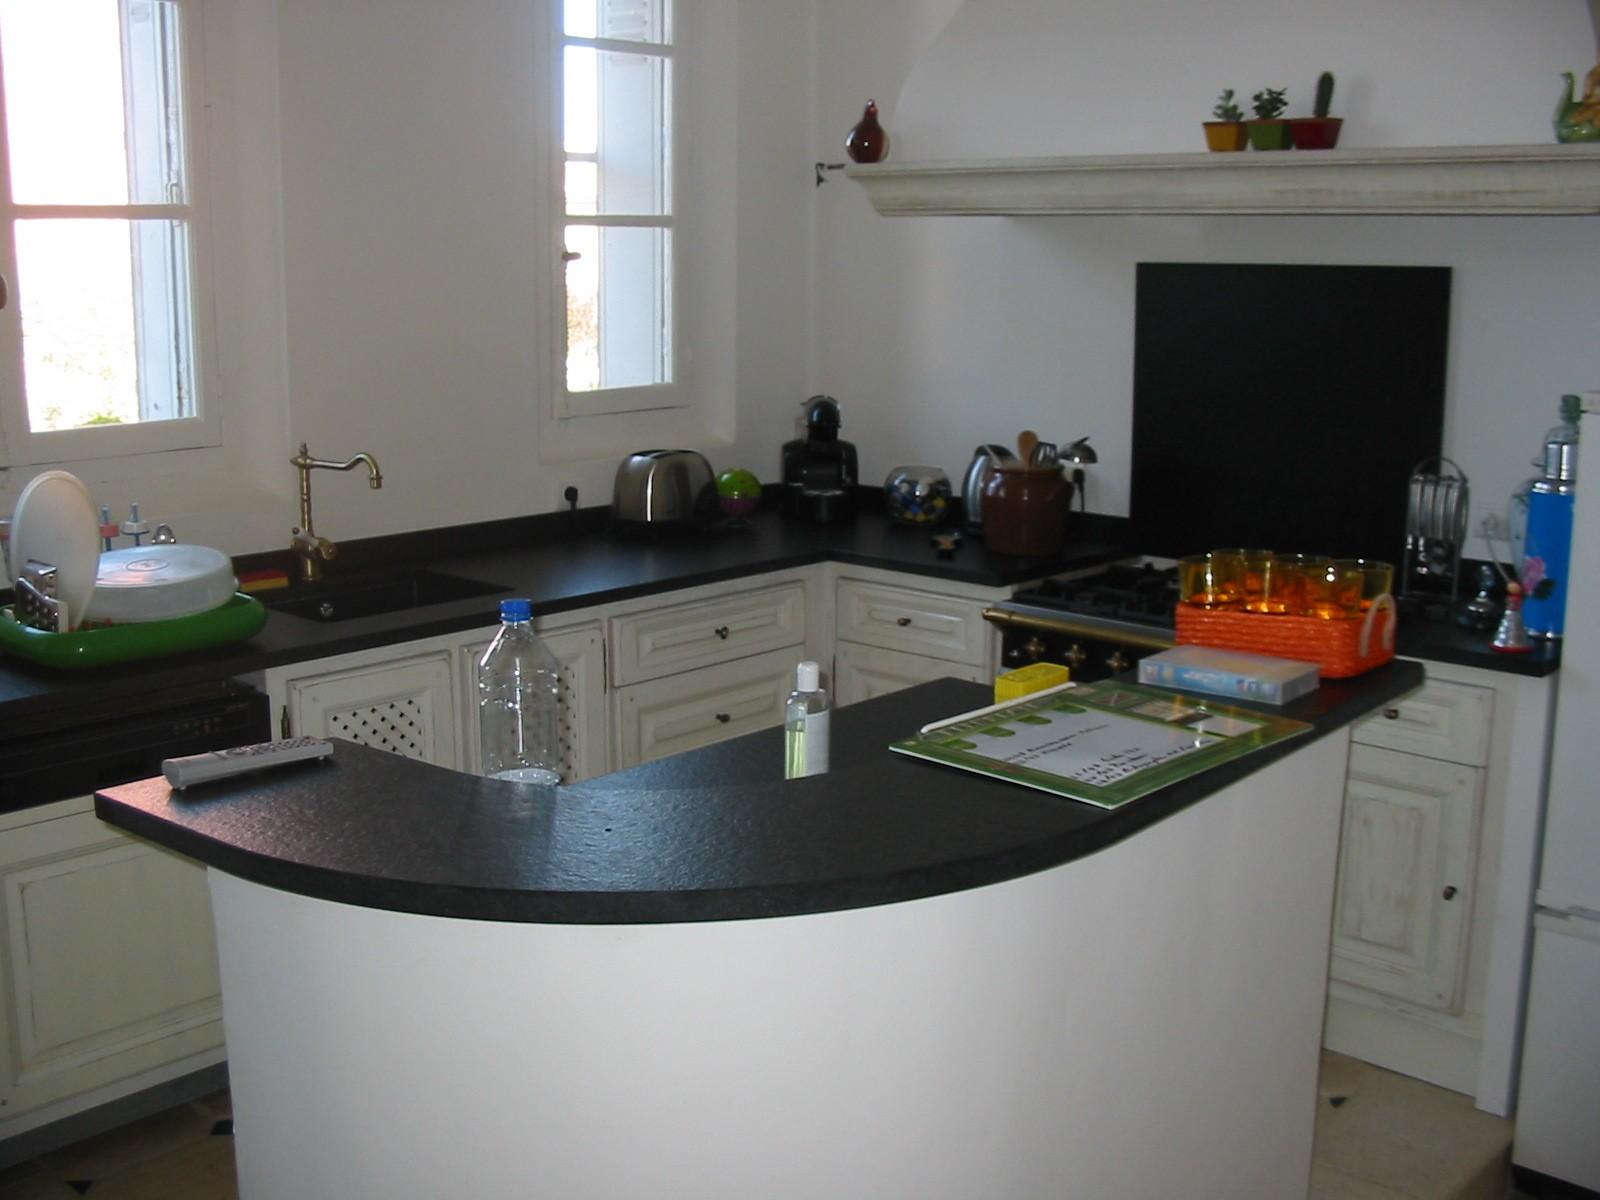 Plans de travail pour cuisine et salle de bains silgranit33 for Table plan de travail cuisine